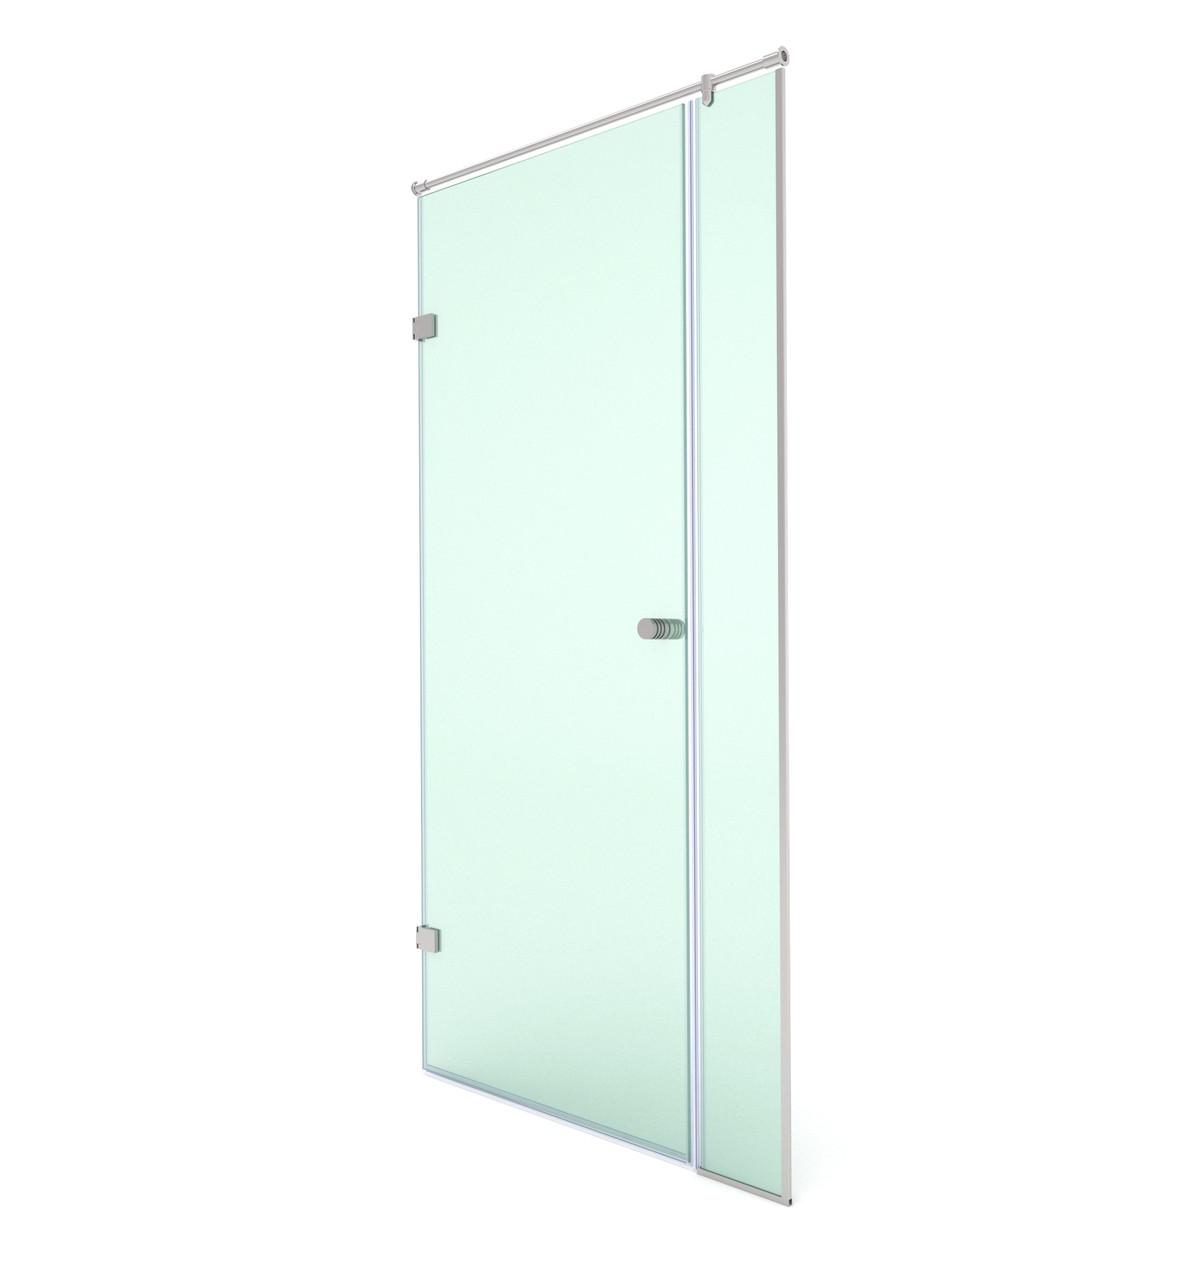 Двері в душову нішу, душові двері і огородження, двері для душа з скла, душові двері